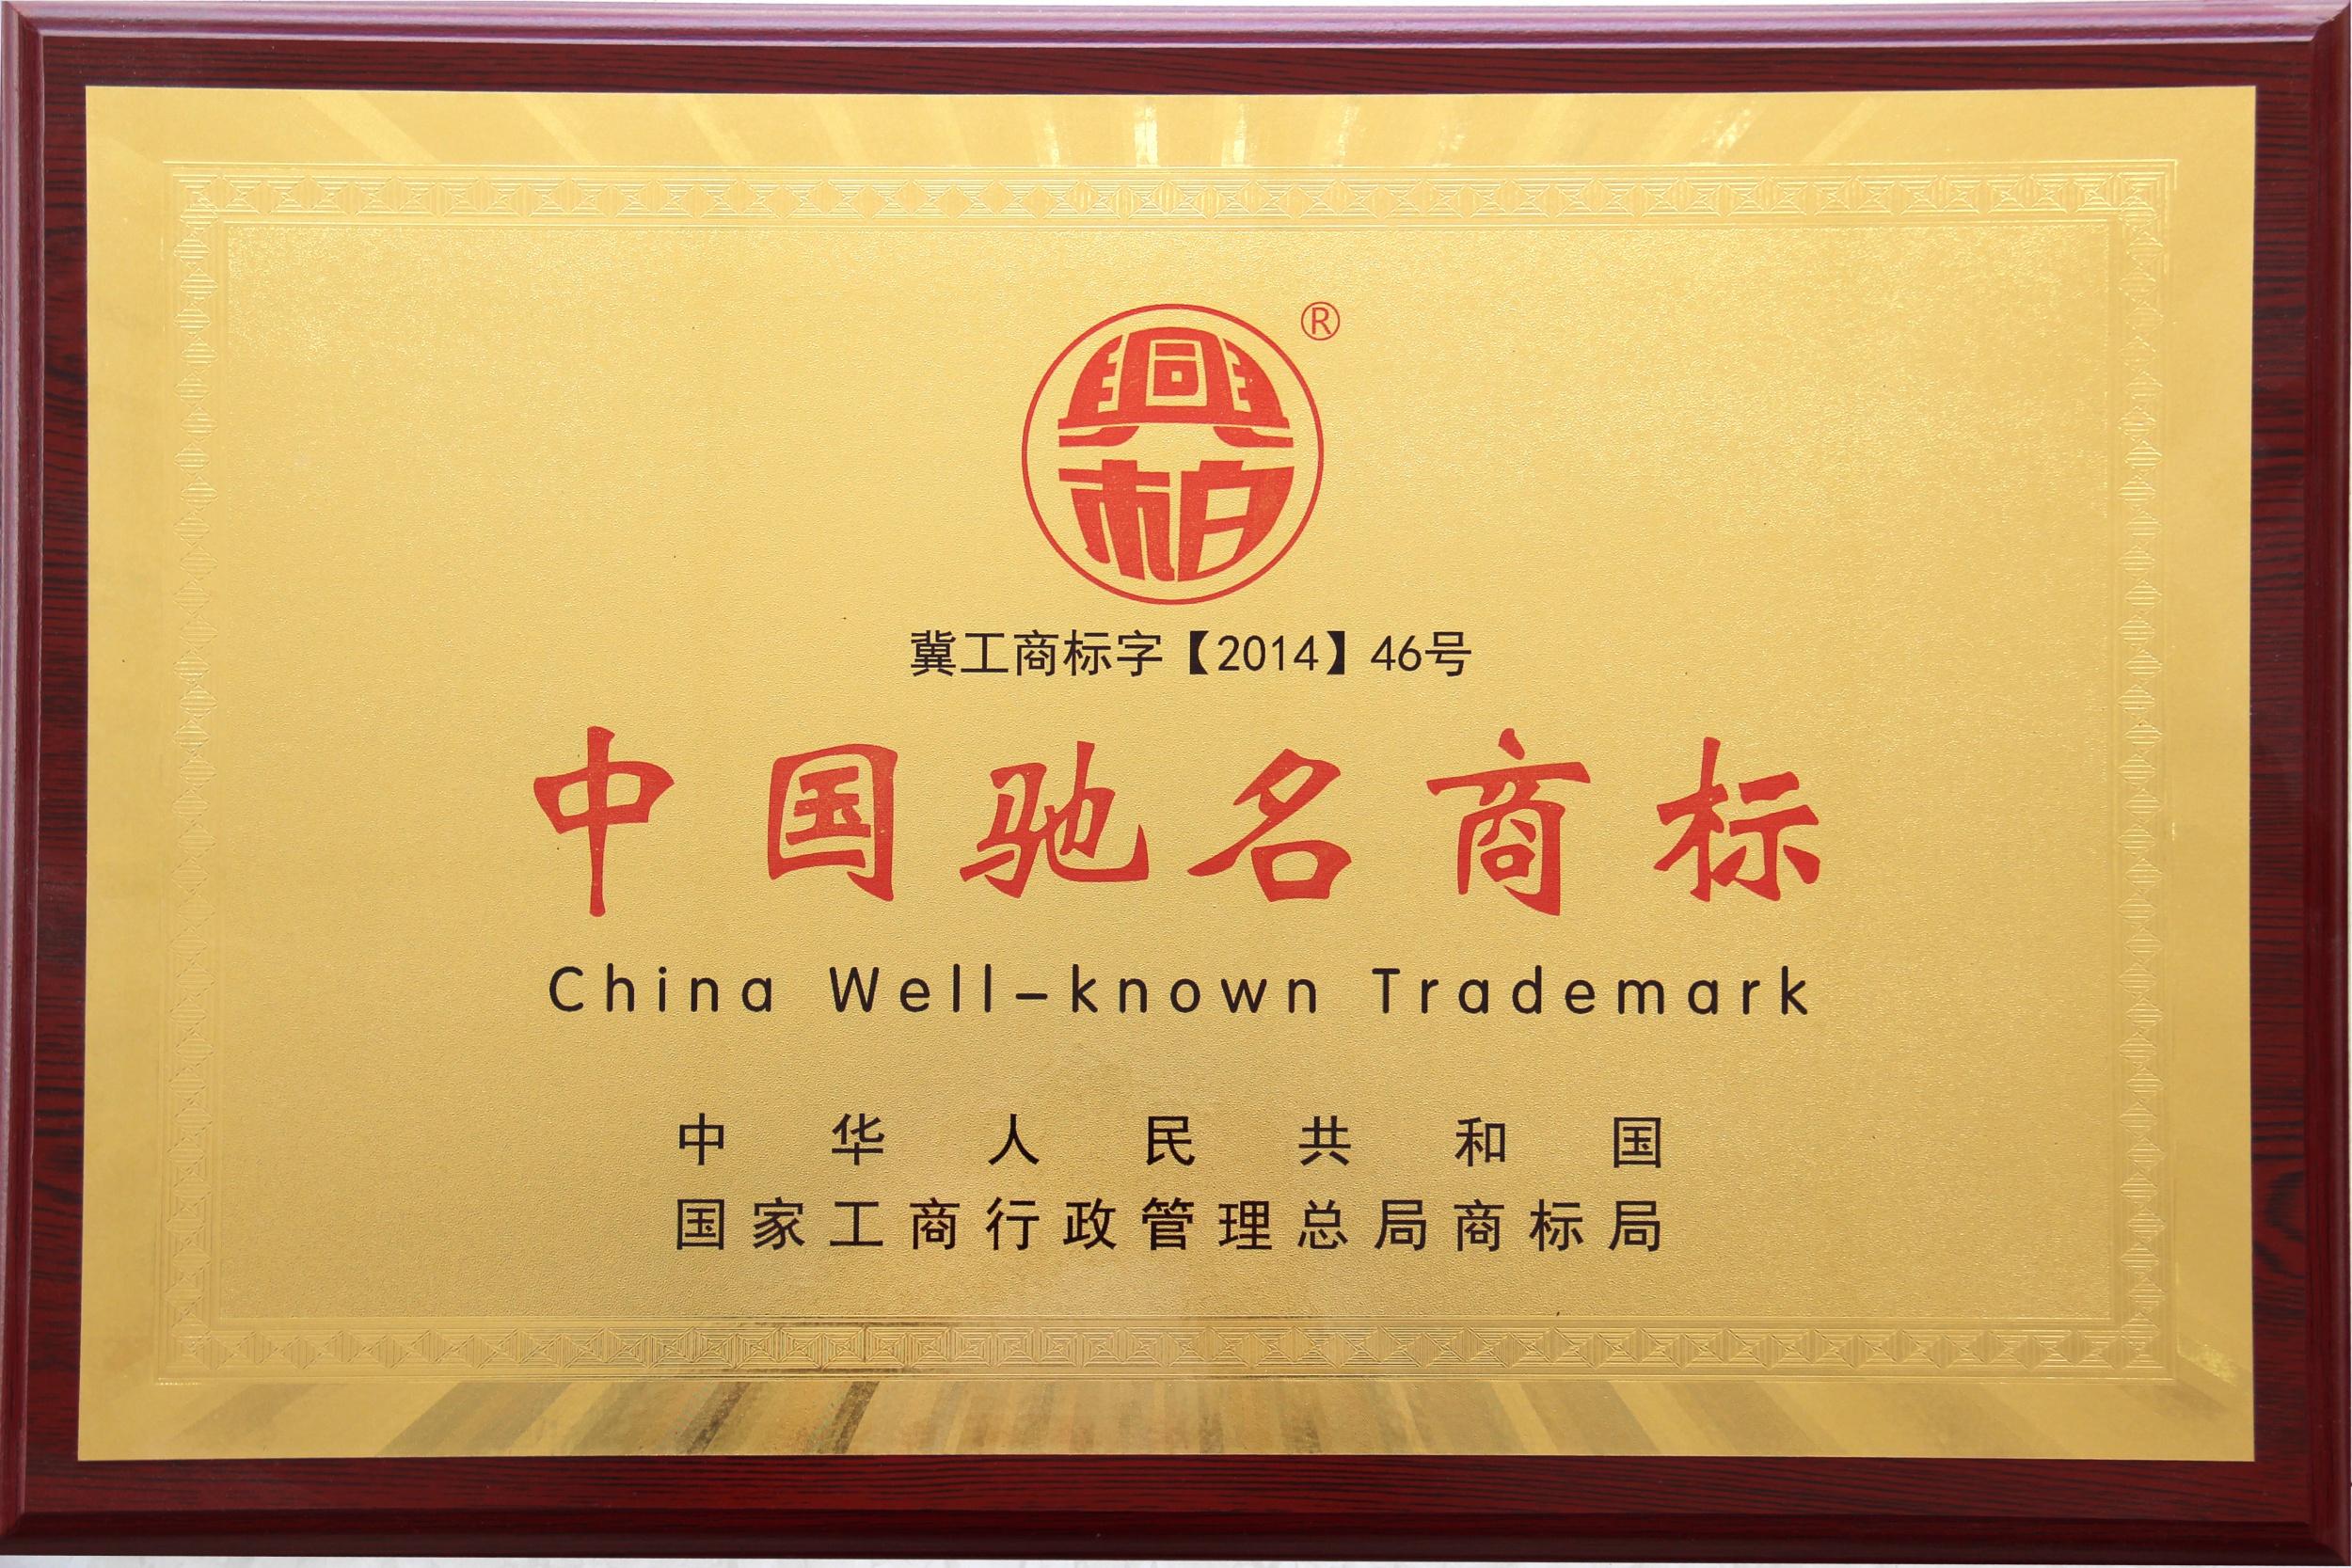 Ganó la marca conocida en China